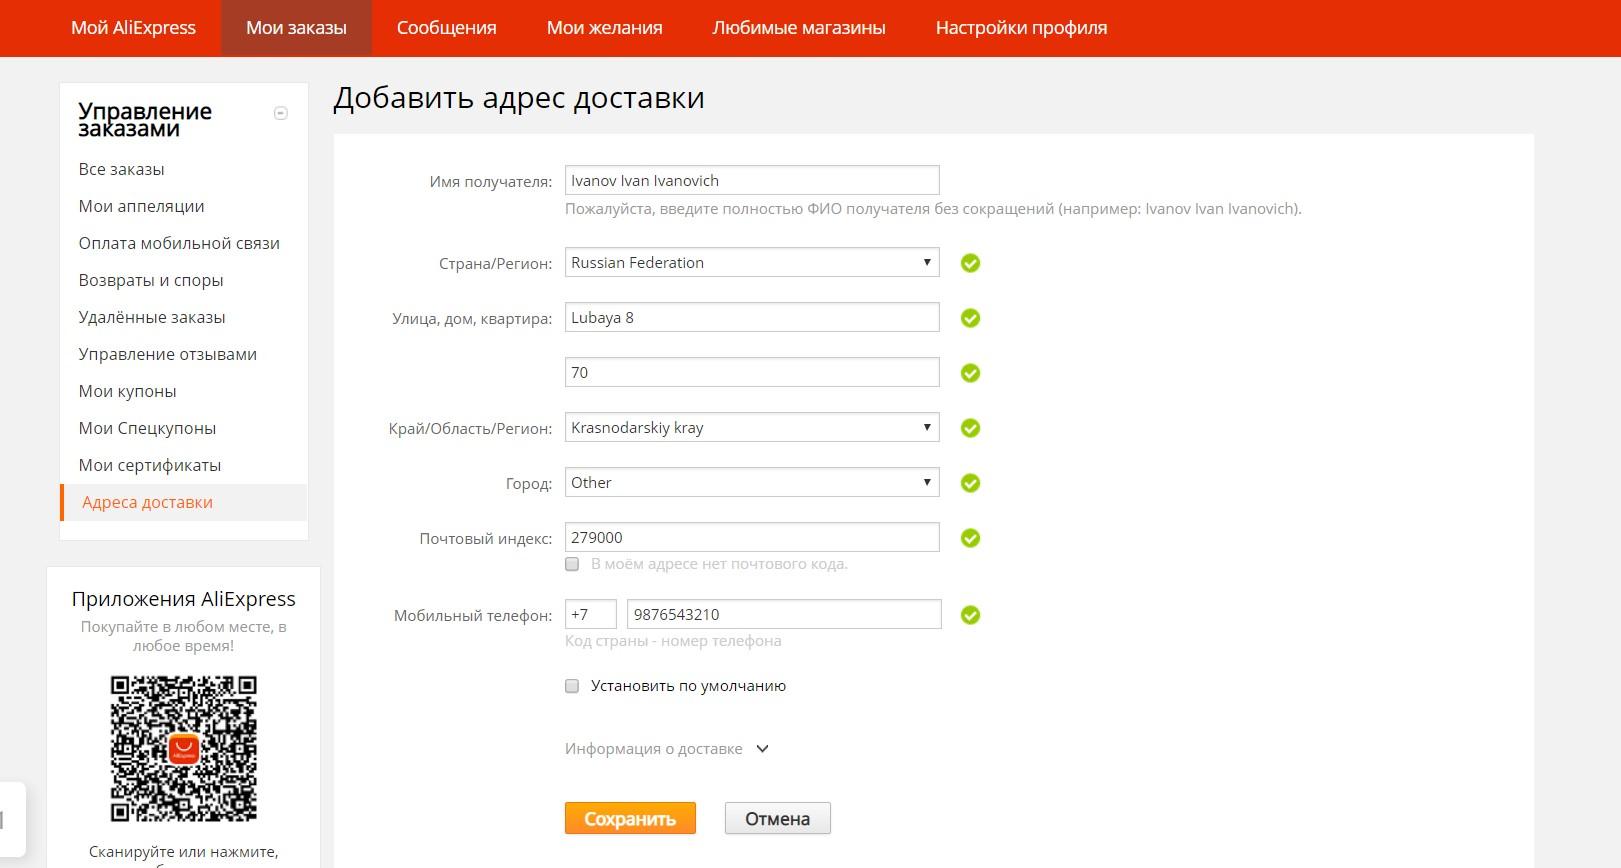 Как заполнить адрес для заказа с алиэкспресс в Крым?